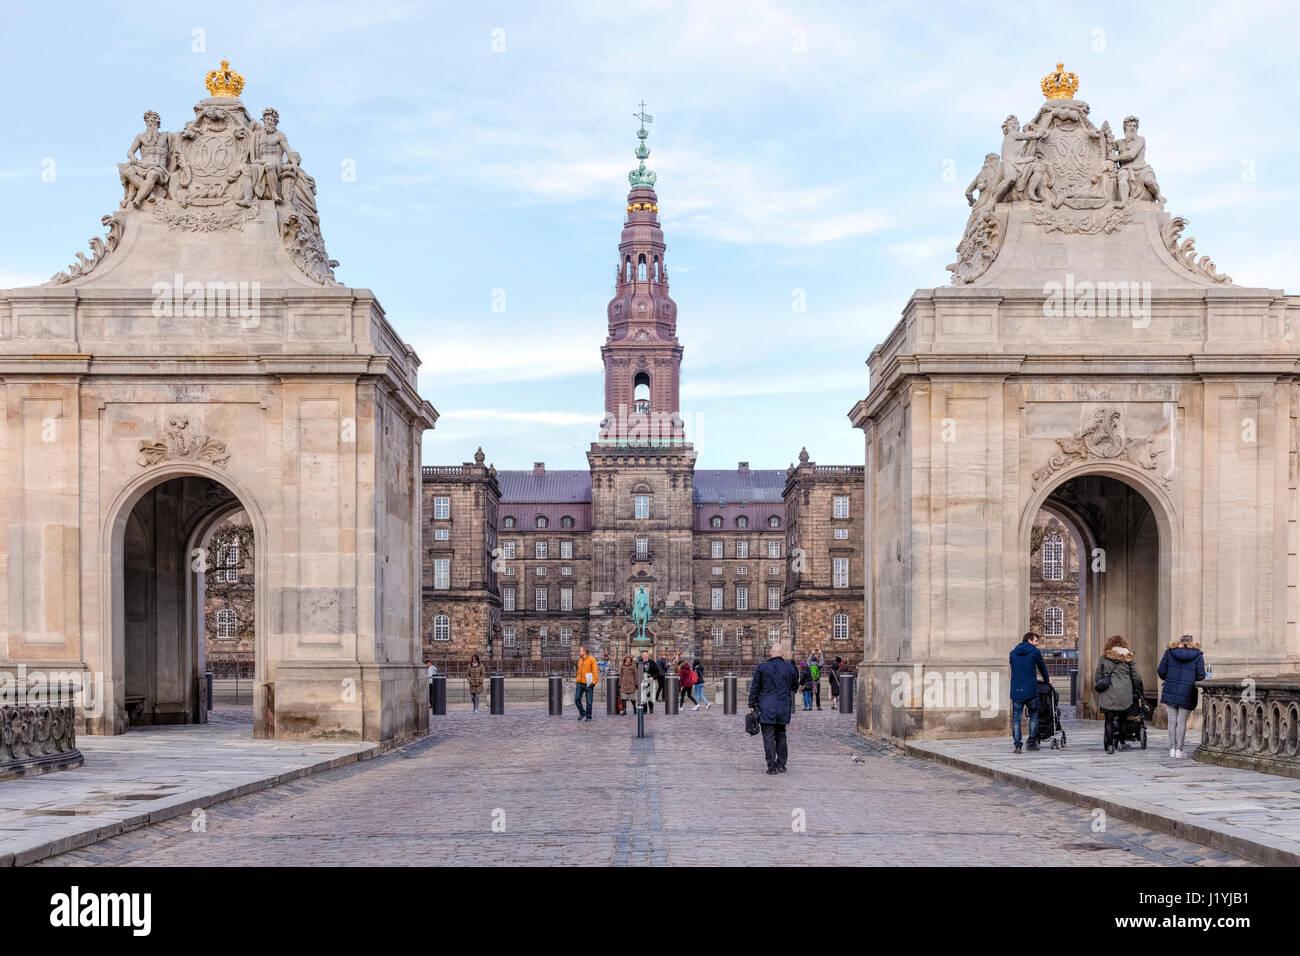 Christiansborg, Copenhagen, Denmark, Scandinavia - Stock-Bilder